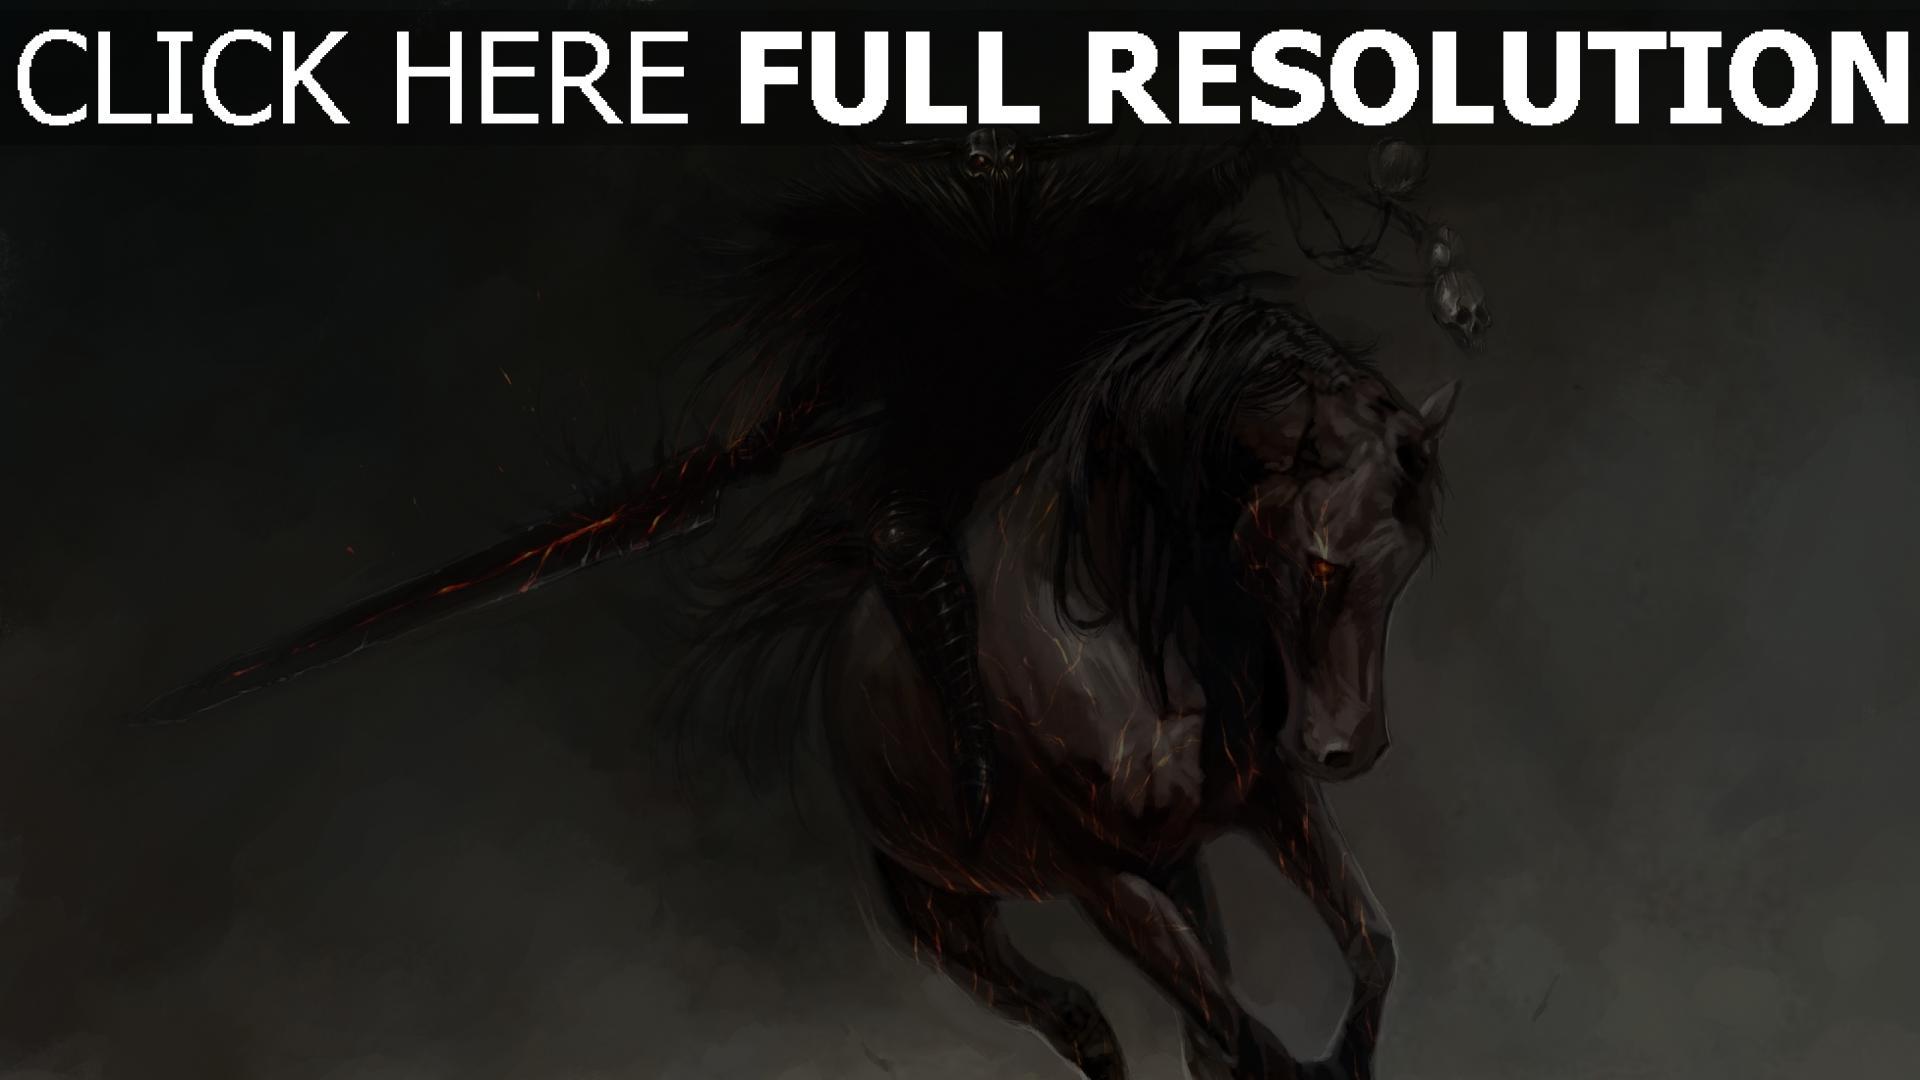 hd hintergrundbilder malerei reiter pferd wizard 1920x1080